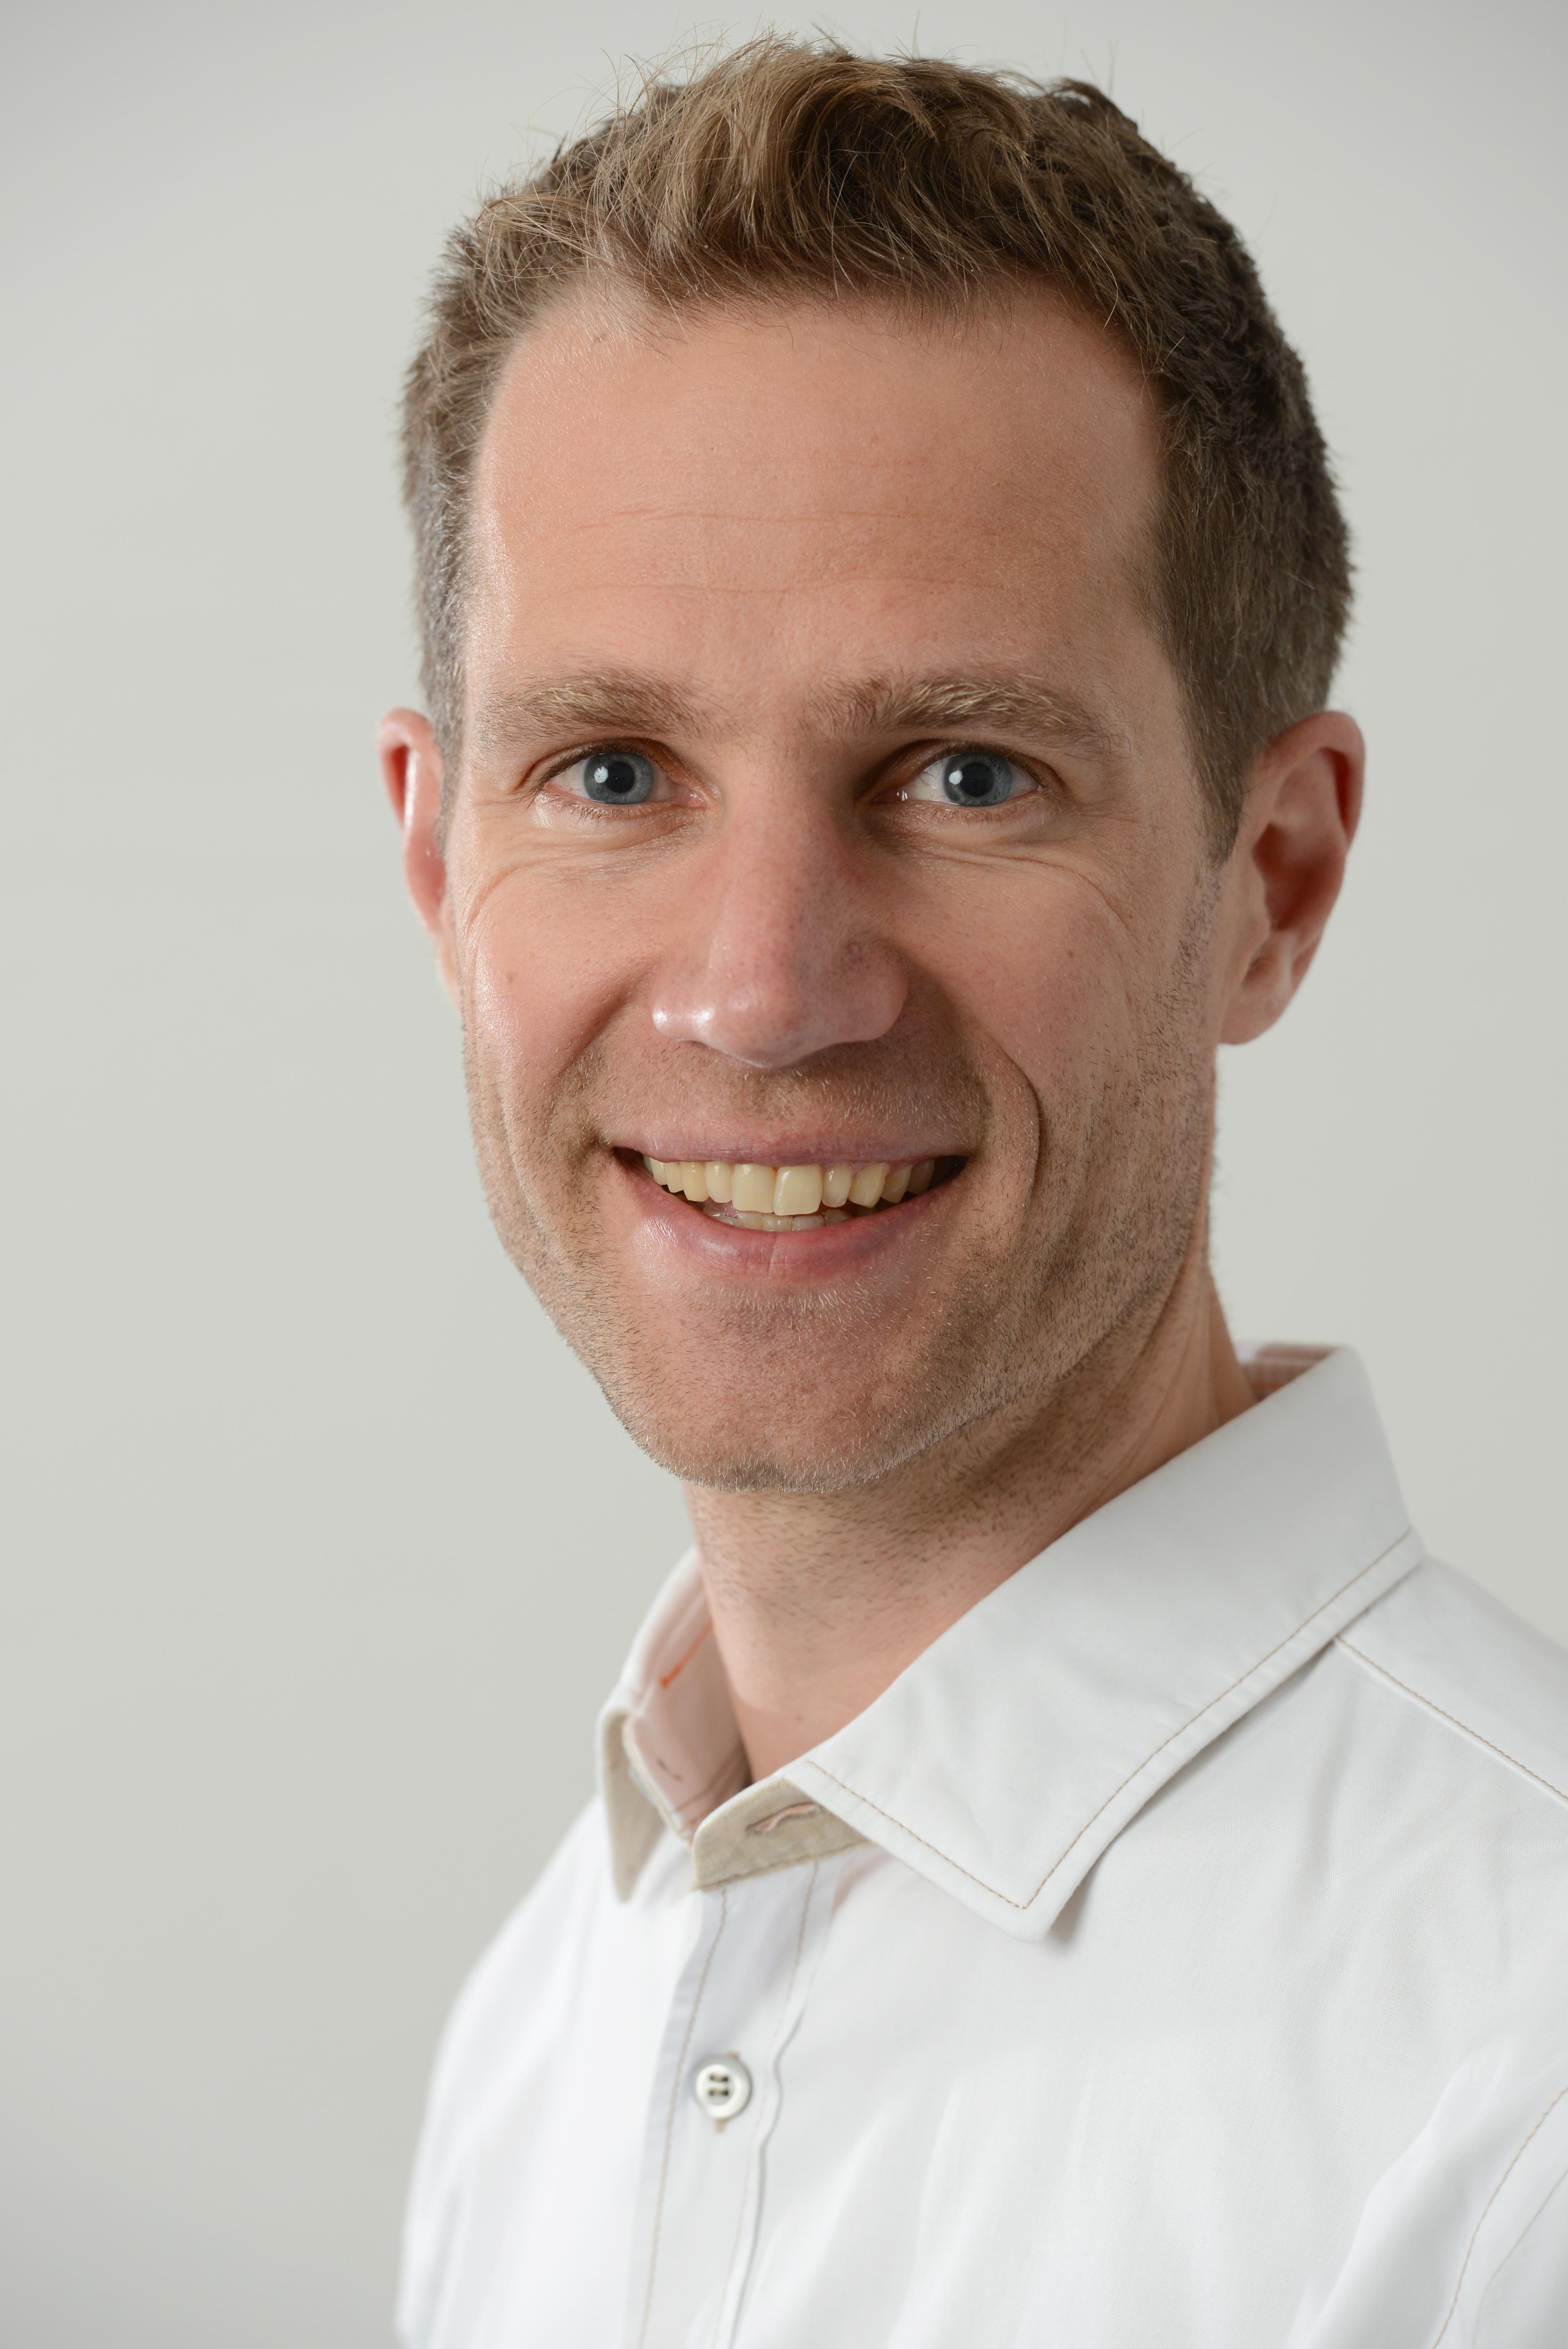 Mike Bucher, Zeremonienleiter, freie Trauungen, Willkommensfeiern